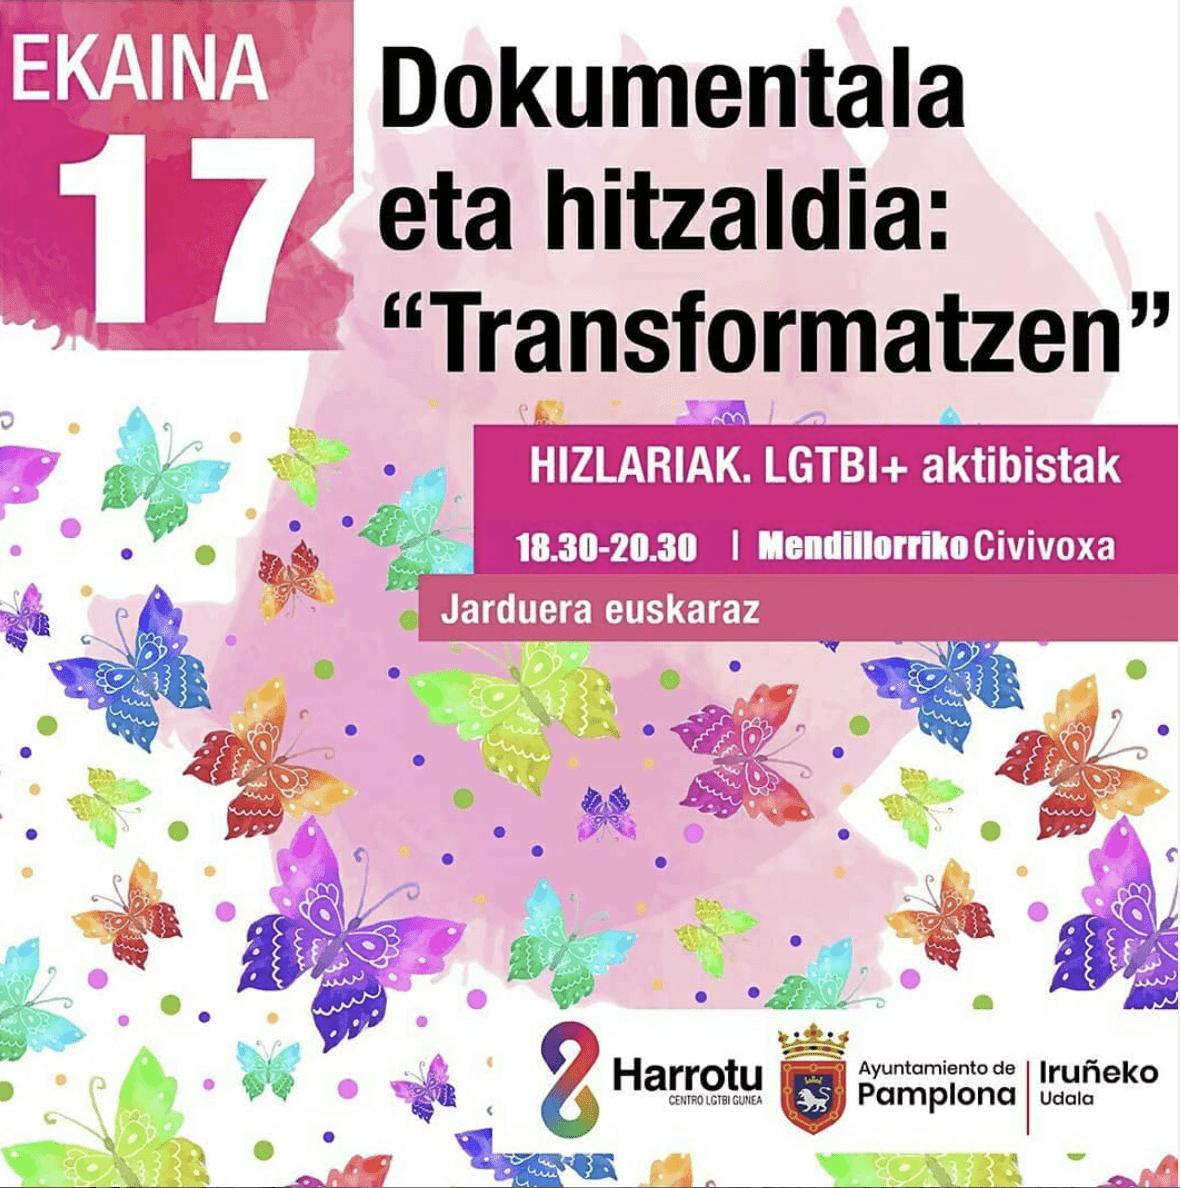 Ek.17: 'Transformatzen' dokumentala eta hitzaldia irudia - iragarkilaburrak.eus